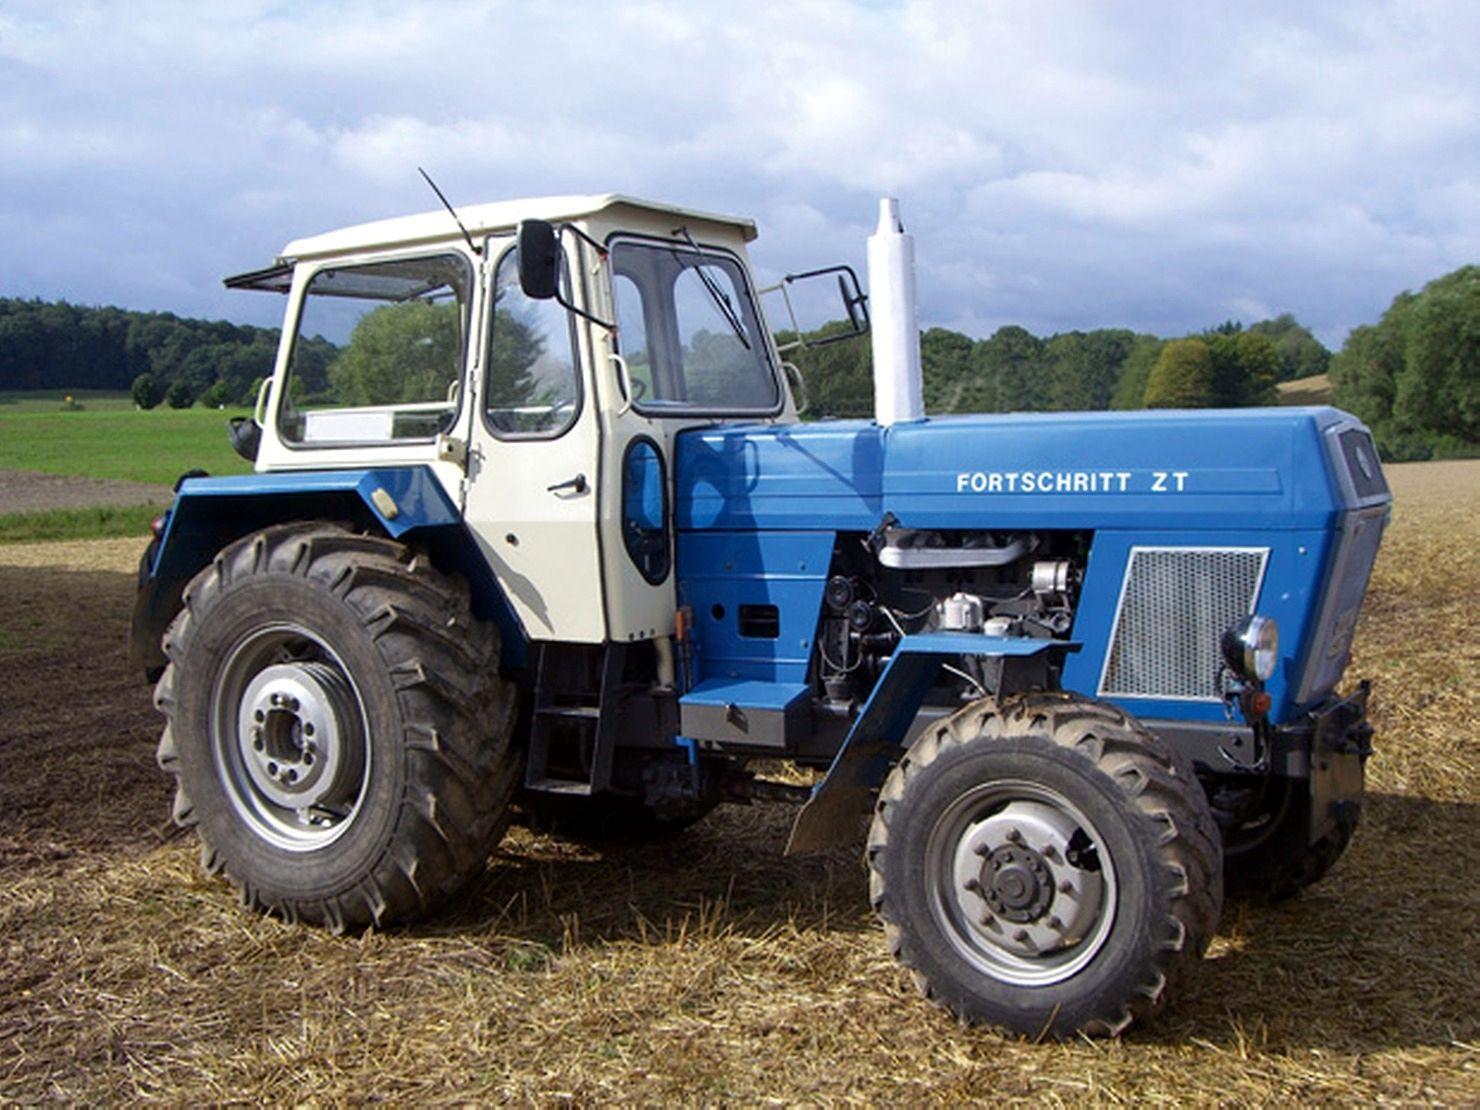 Fortschritt Traktor